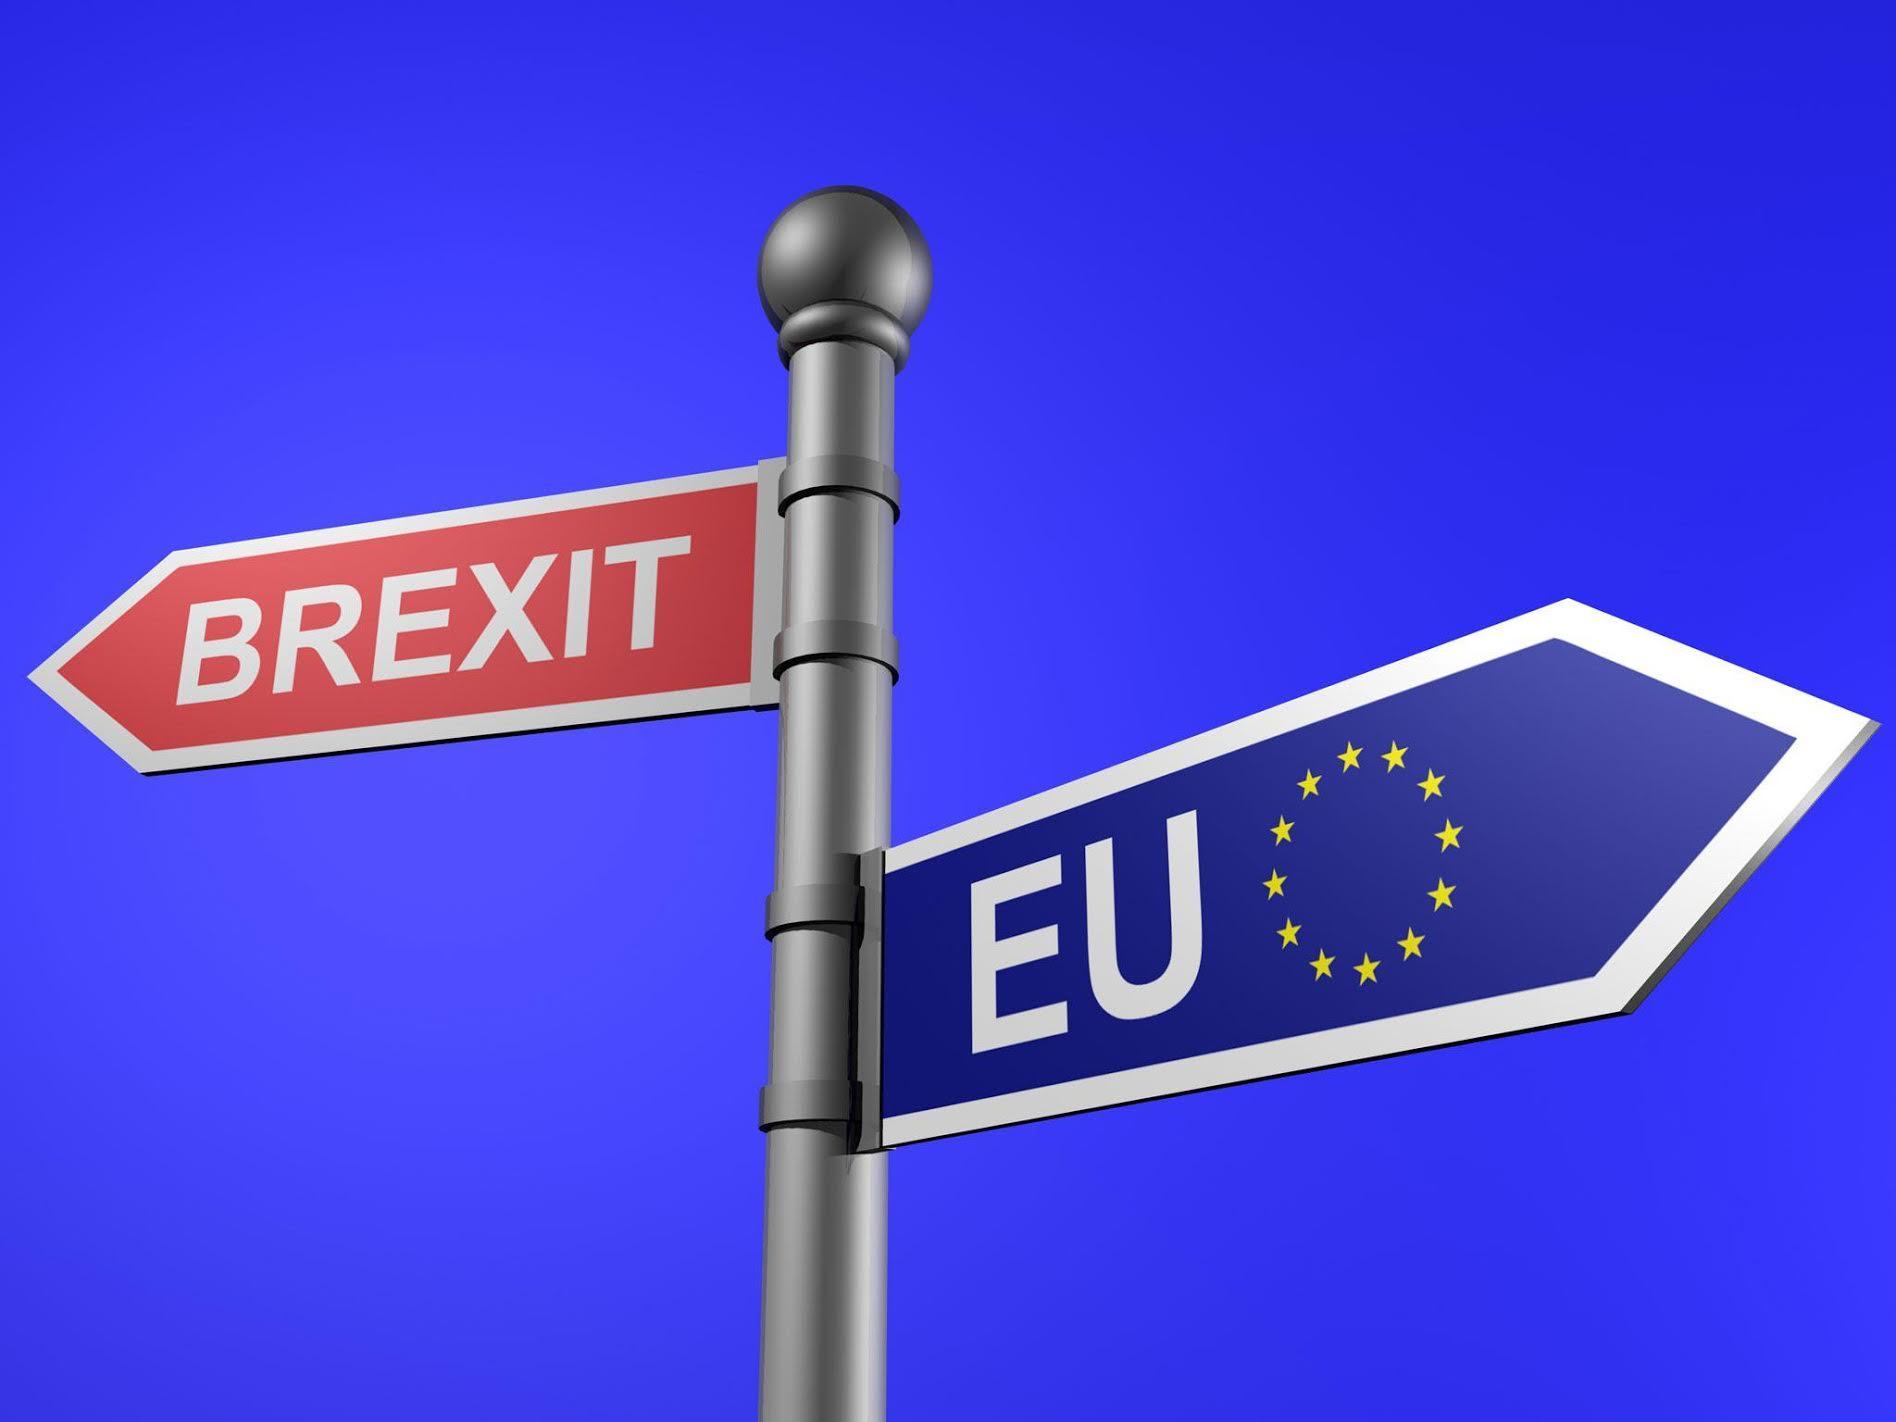 Ενέργεια: Και μετά το Brexit τί γίνεται;